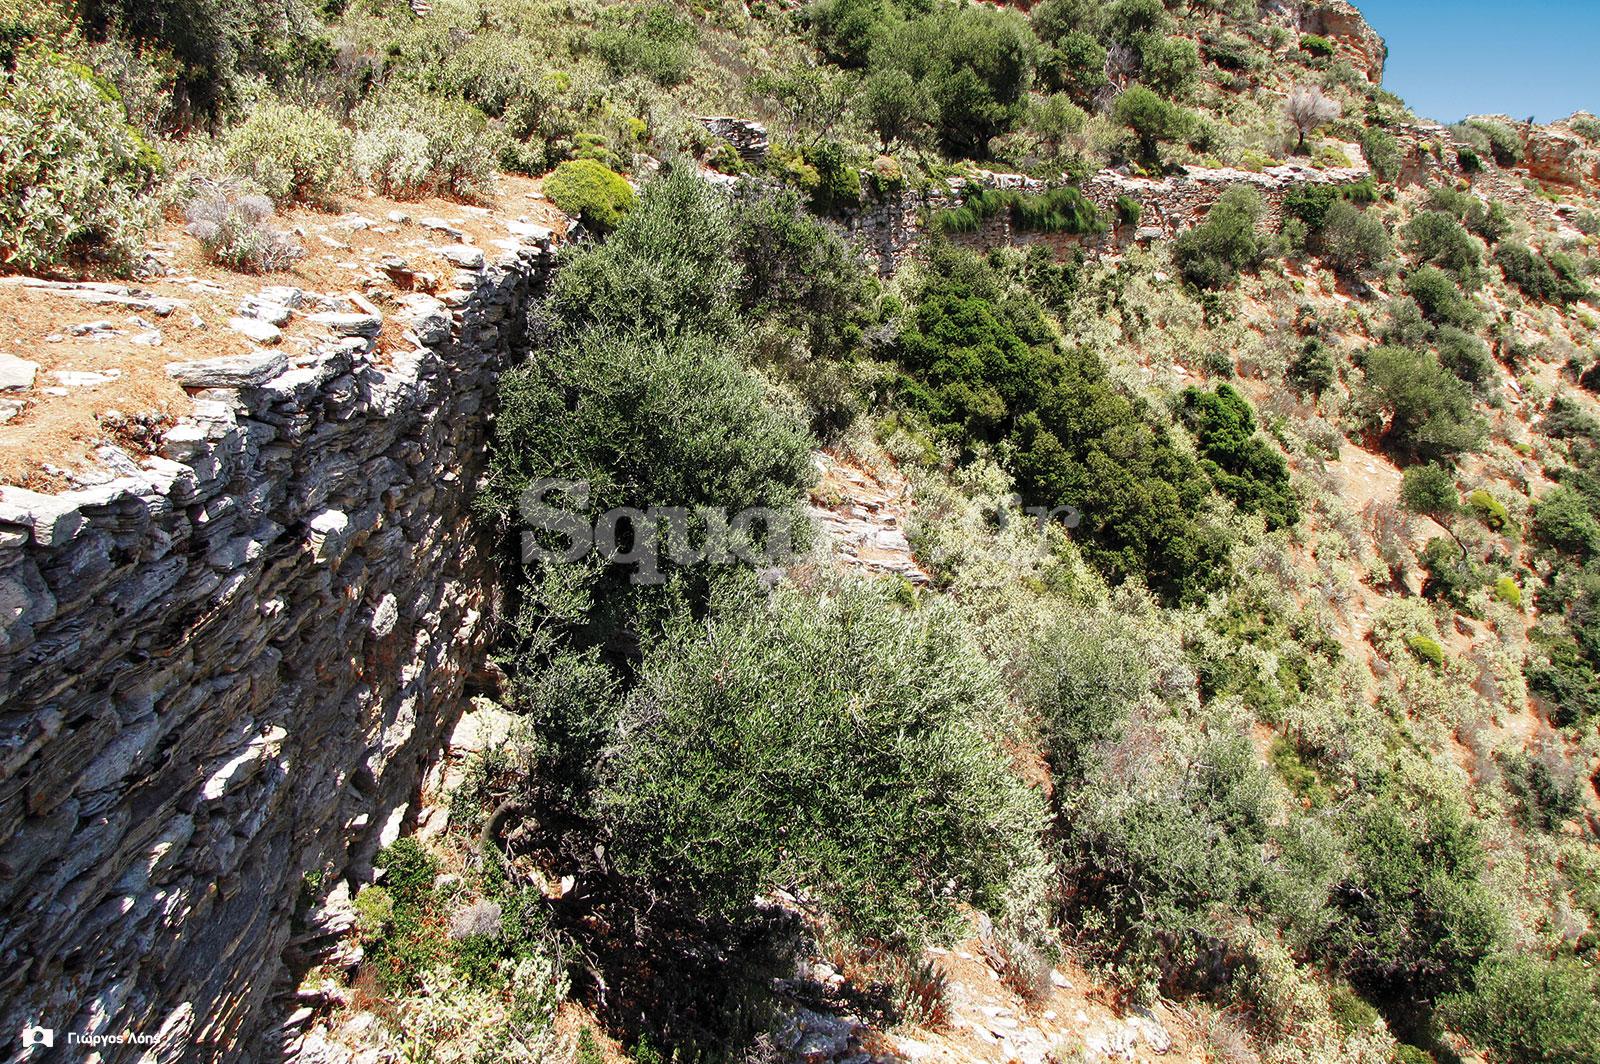 16-Άποψη-του-ίχνους-των-σωζόμενων-ανατολικών-αρχαίων-τειχών